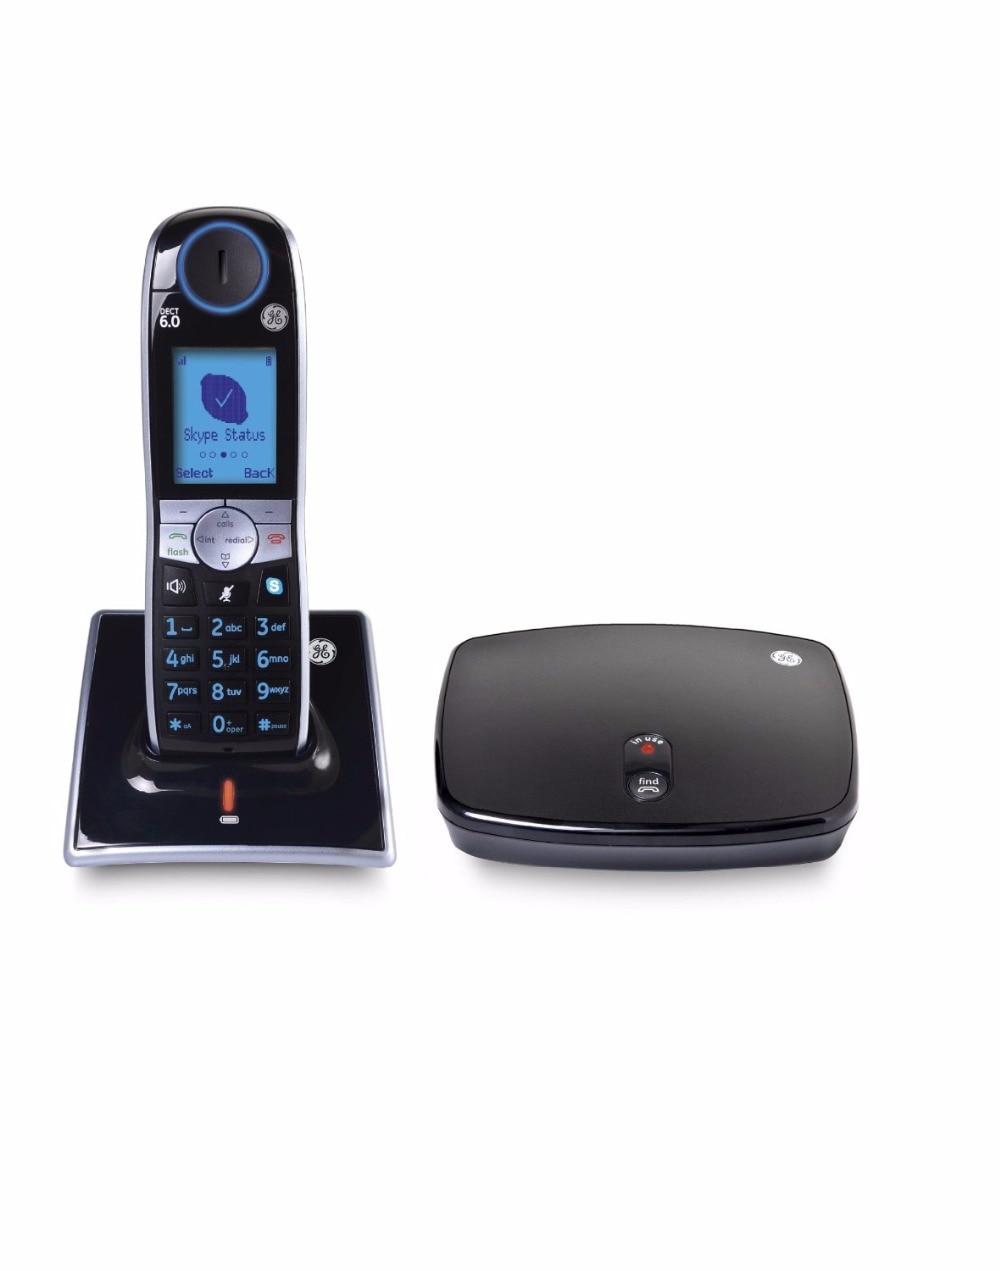 mobile phone and skype Giờ diễn đàn không còn như xưa là bởi windows phone / windows 10 mobile đã chết còn với nokia,  skype được cập nhật:.